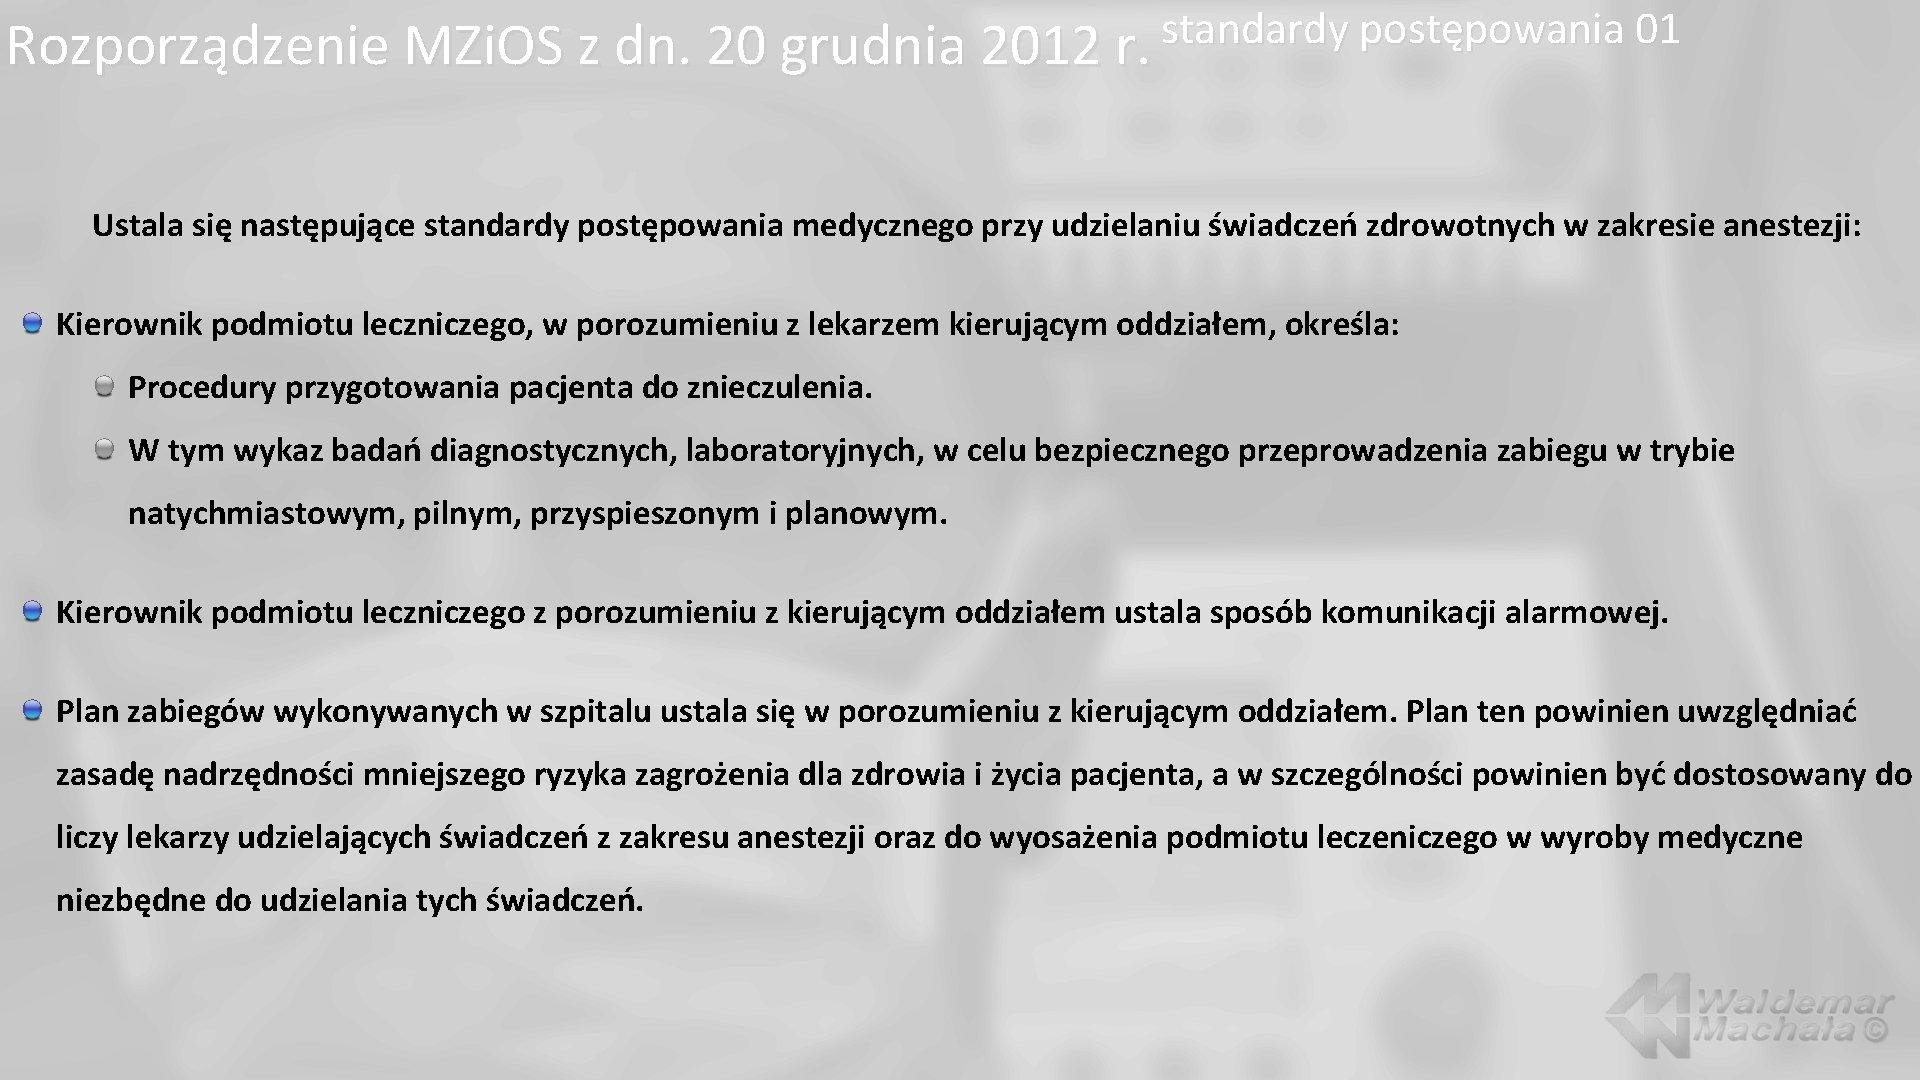 standardy postępowania 01 Rozporządzenie MZi. OS z dn. 20 grudnia 2012 r. Ustala się